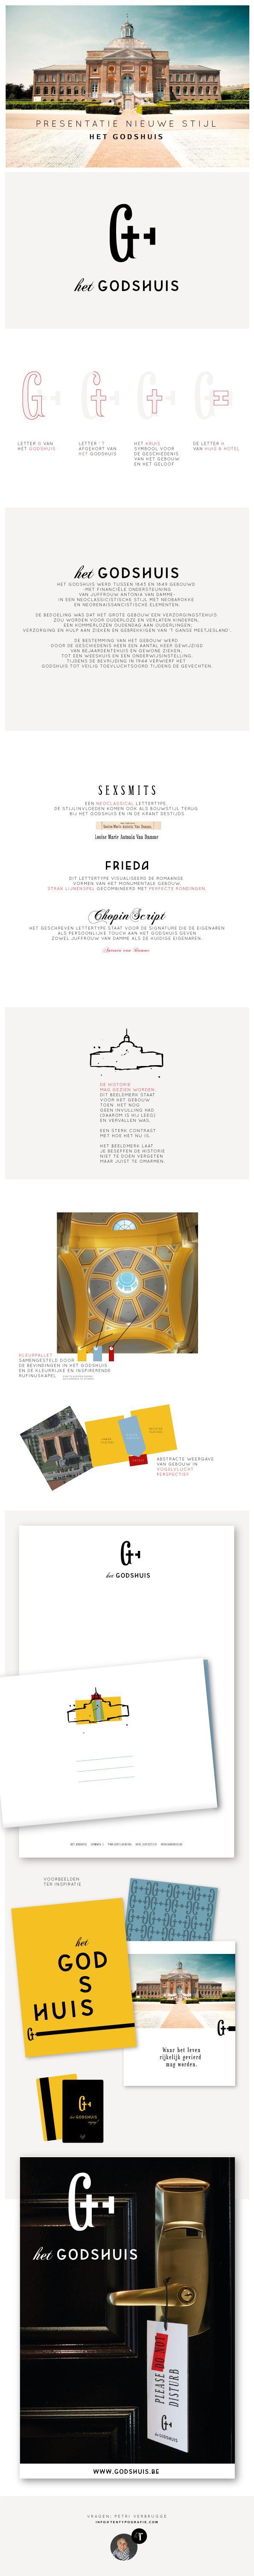 • HUISSTIJL HOTEL • Presentatie Het Godshuis.  Nieuwe huisstijl uitbouwen in:  - zeer speciale visitekaartjes - briefpapier/enveloppen - vouwkaartje voor pasjes - beoordelingskaarten - EN de website zal totaal nieuw worden! Bekijk de gehele presentatie online: https://www.scribd.com/…/3266…/Presentatie-Godshuis-2016-T-T -- #thee & #typografie, #tentypografie #theeentypografie #vlissingen #middelburg #veere #domburg #zeeland #ontwerpbureau #grafisch #ontwerp #huisstijl #logo #laureins